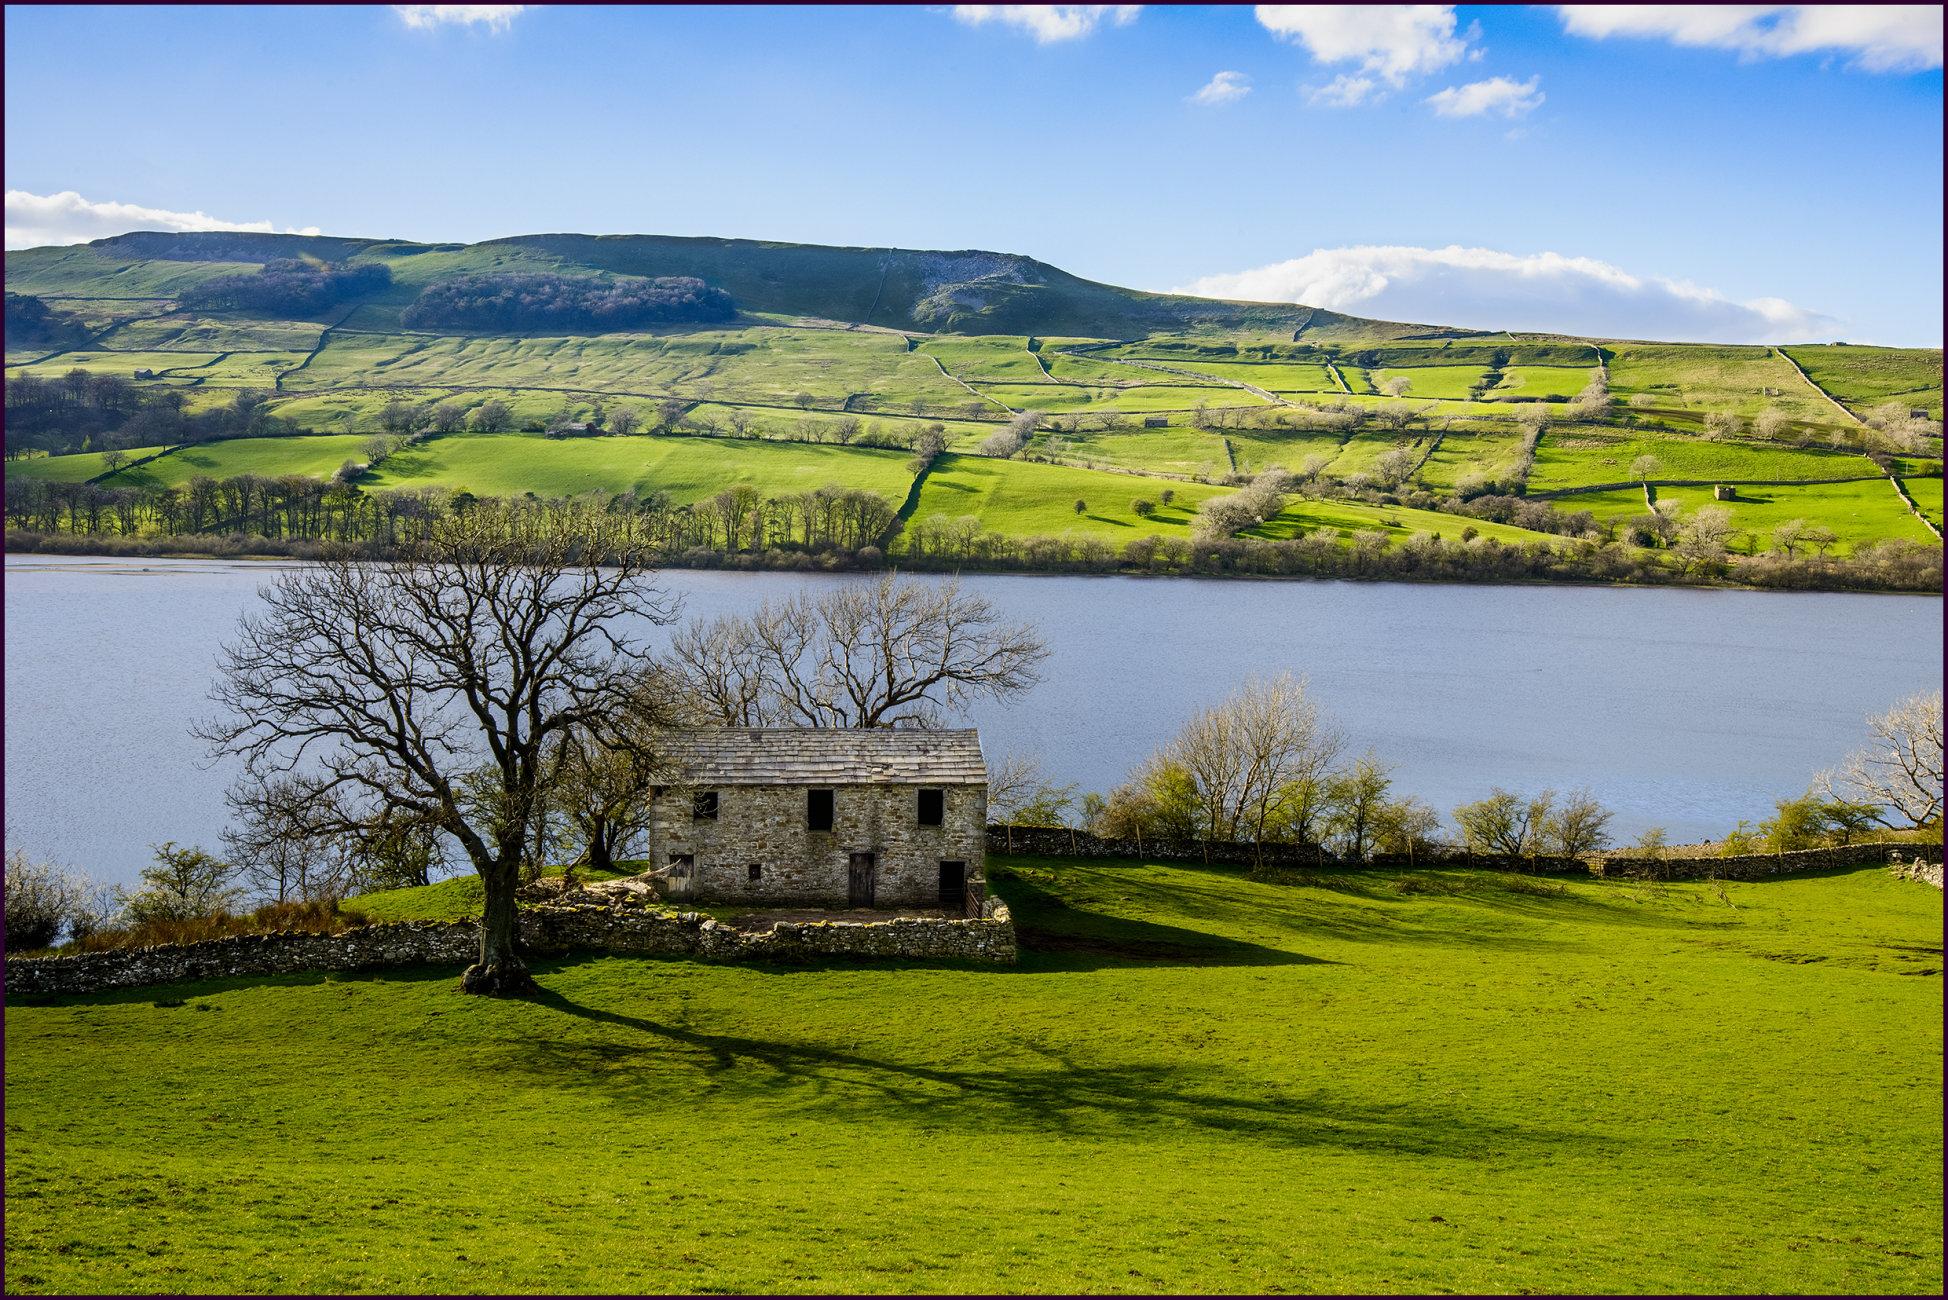 Lake Semerwater North Yorkshire